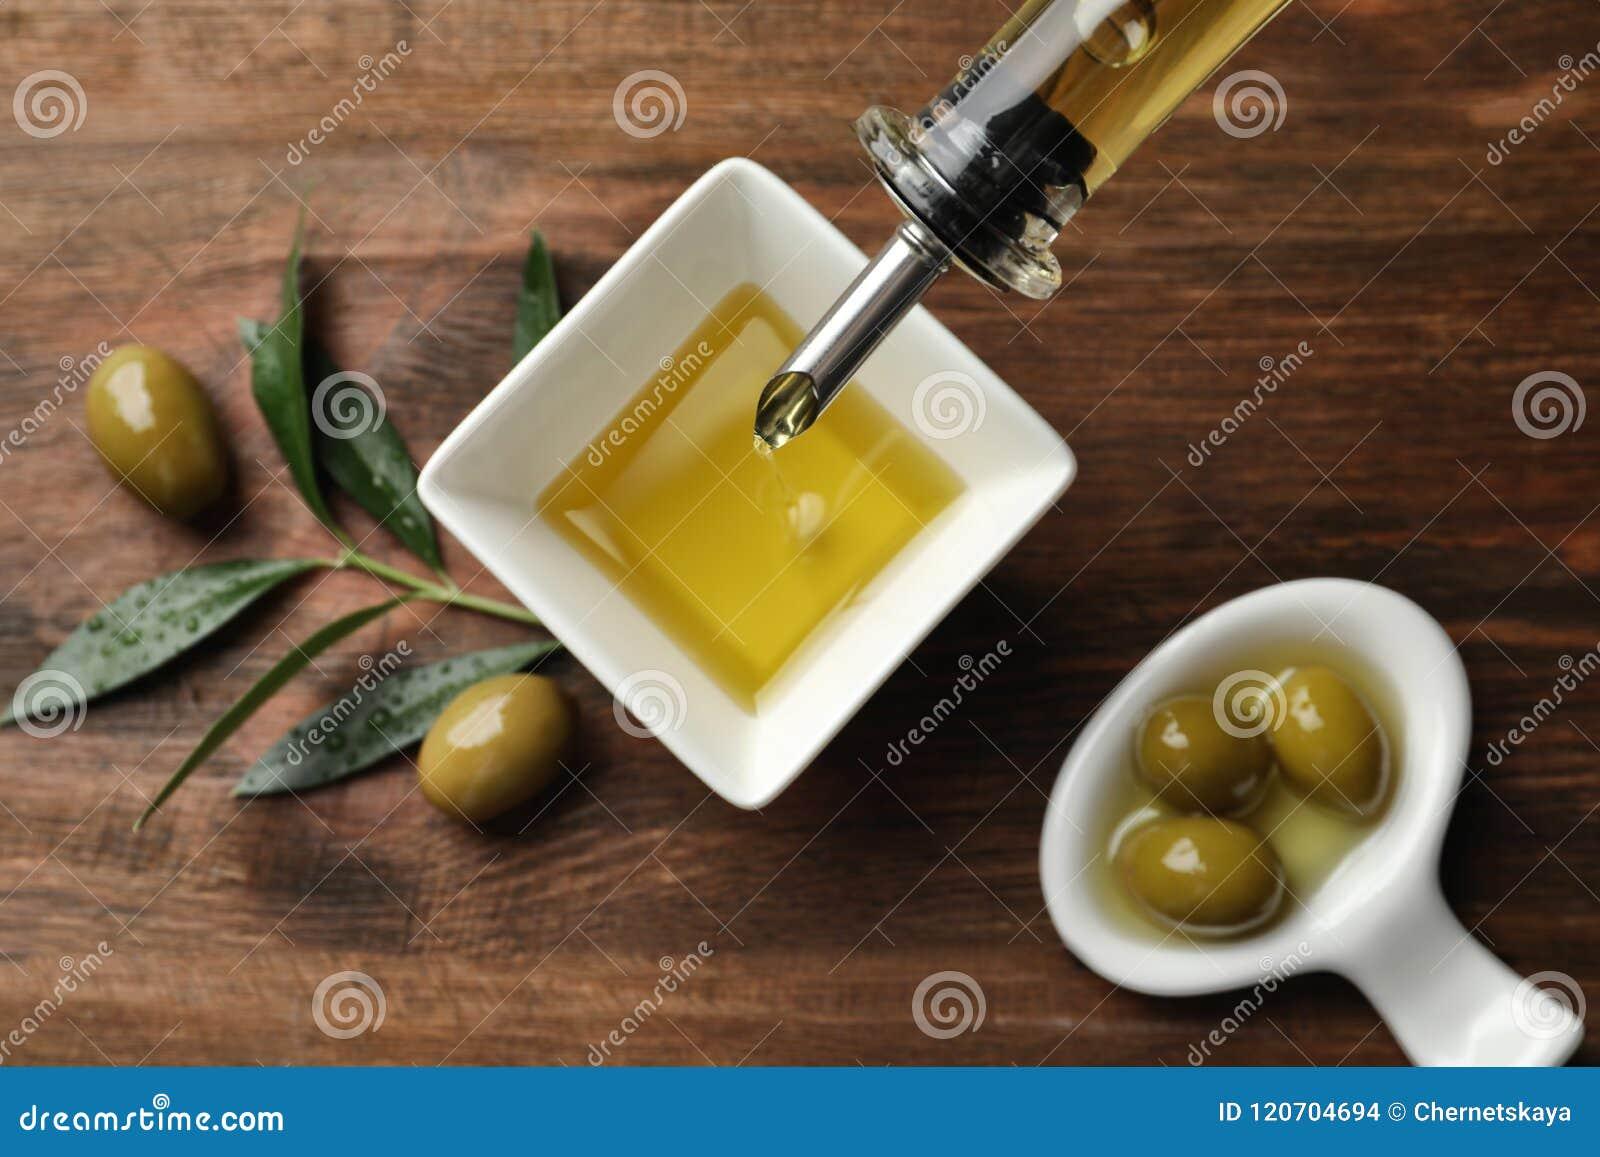 Лить свежее оливковое масло в шар на таблице,